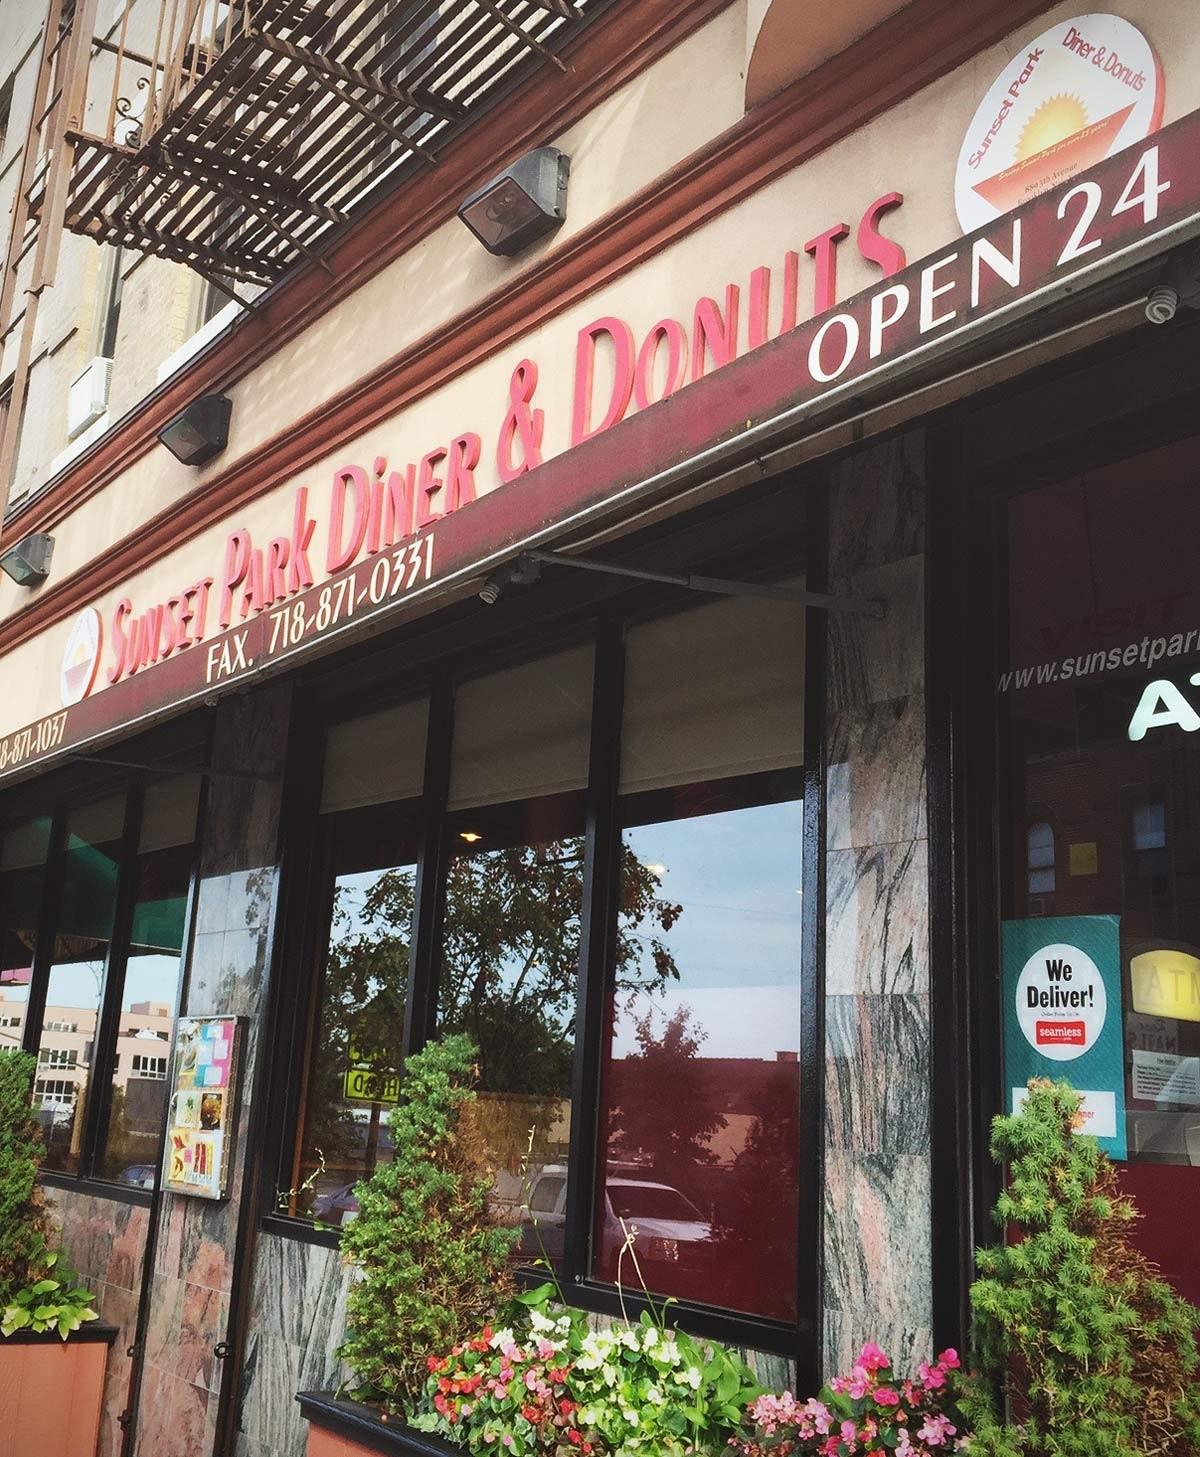 Sunset Park Diner & Donuts